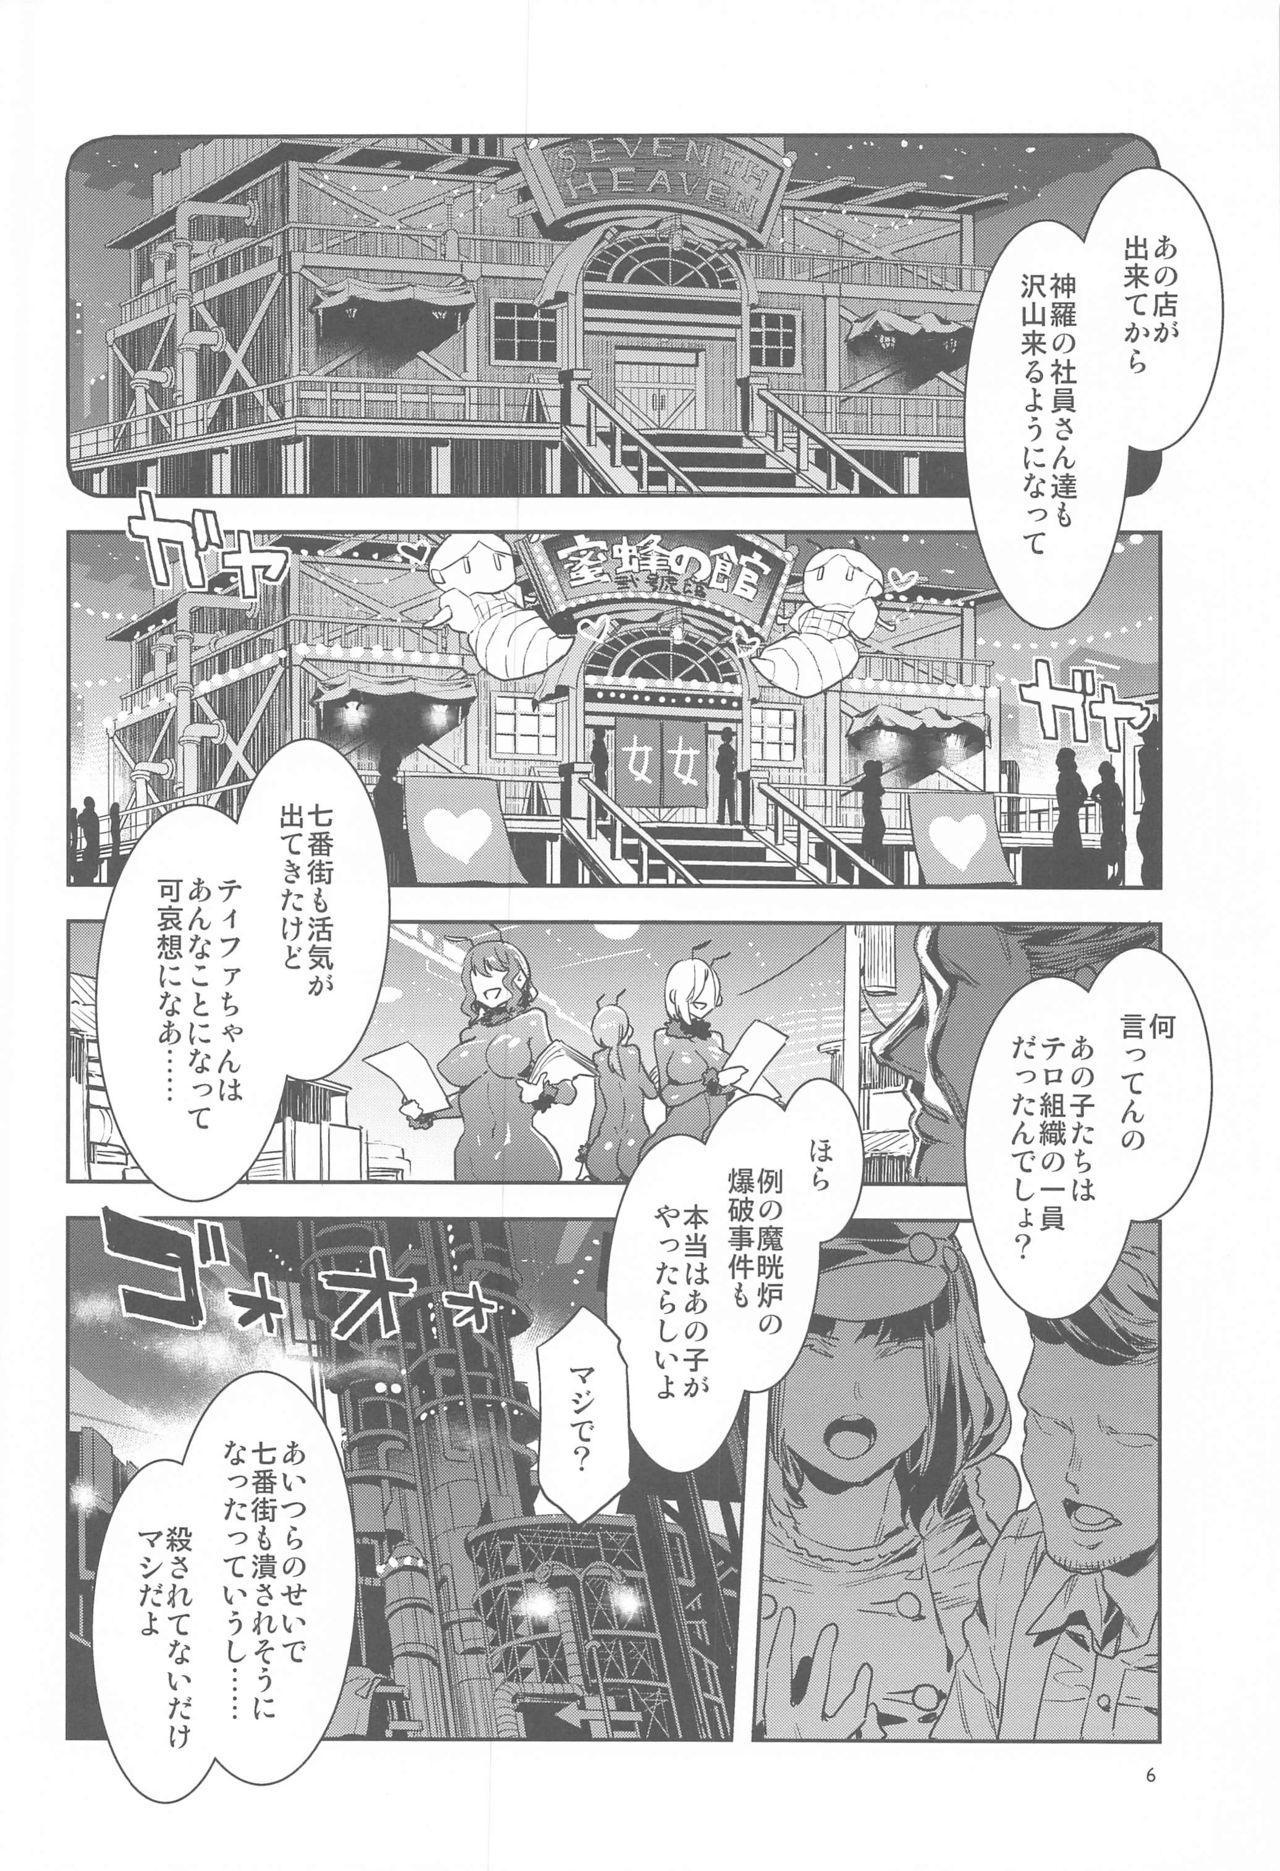 [Alice no Takarabako (Mizuryu Kei)] Mitsubachi no Yakata Nigou-kan Seventh Heaven-ten (Final Fantasy VII) 4